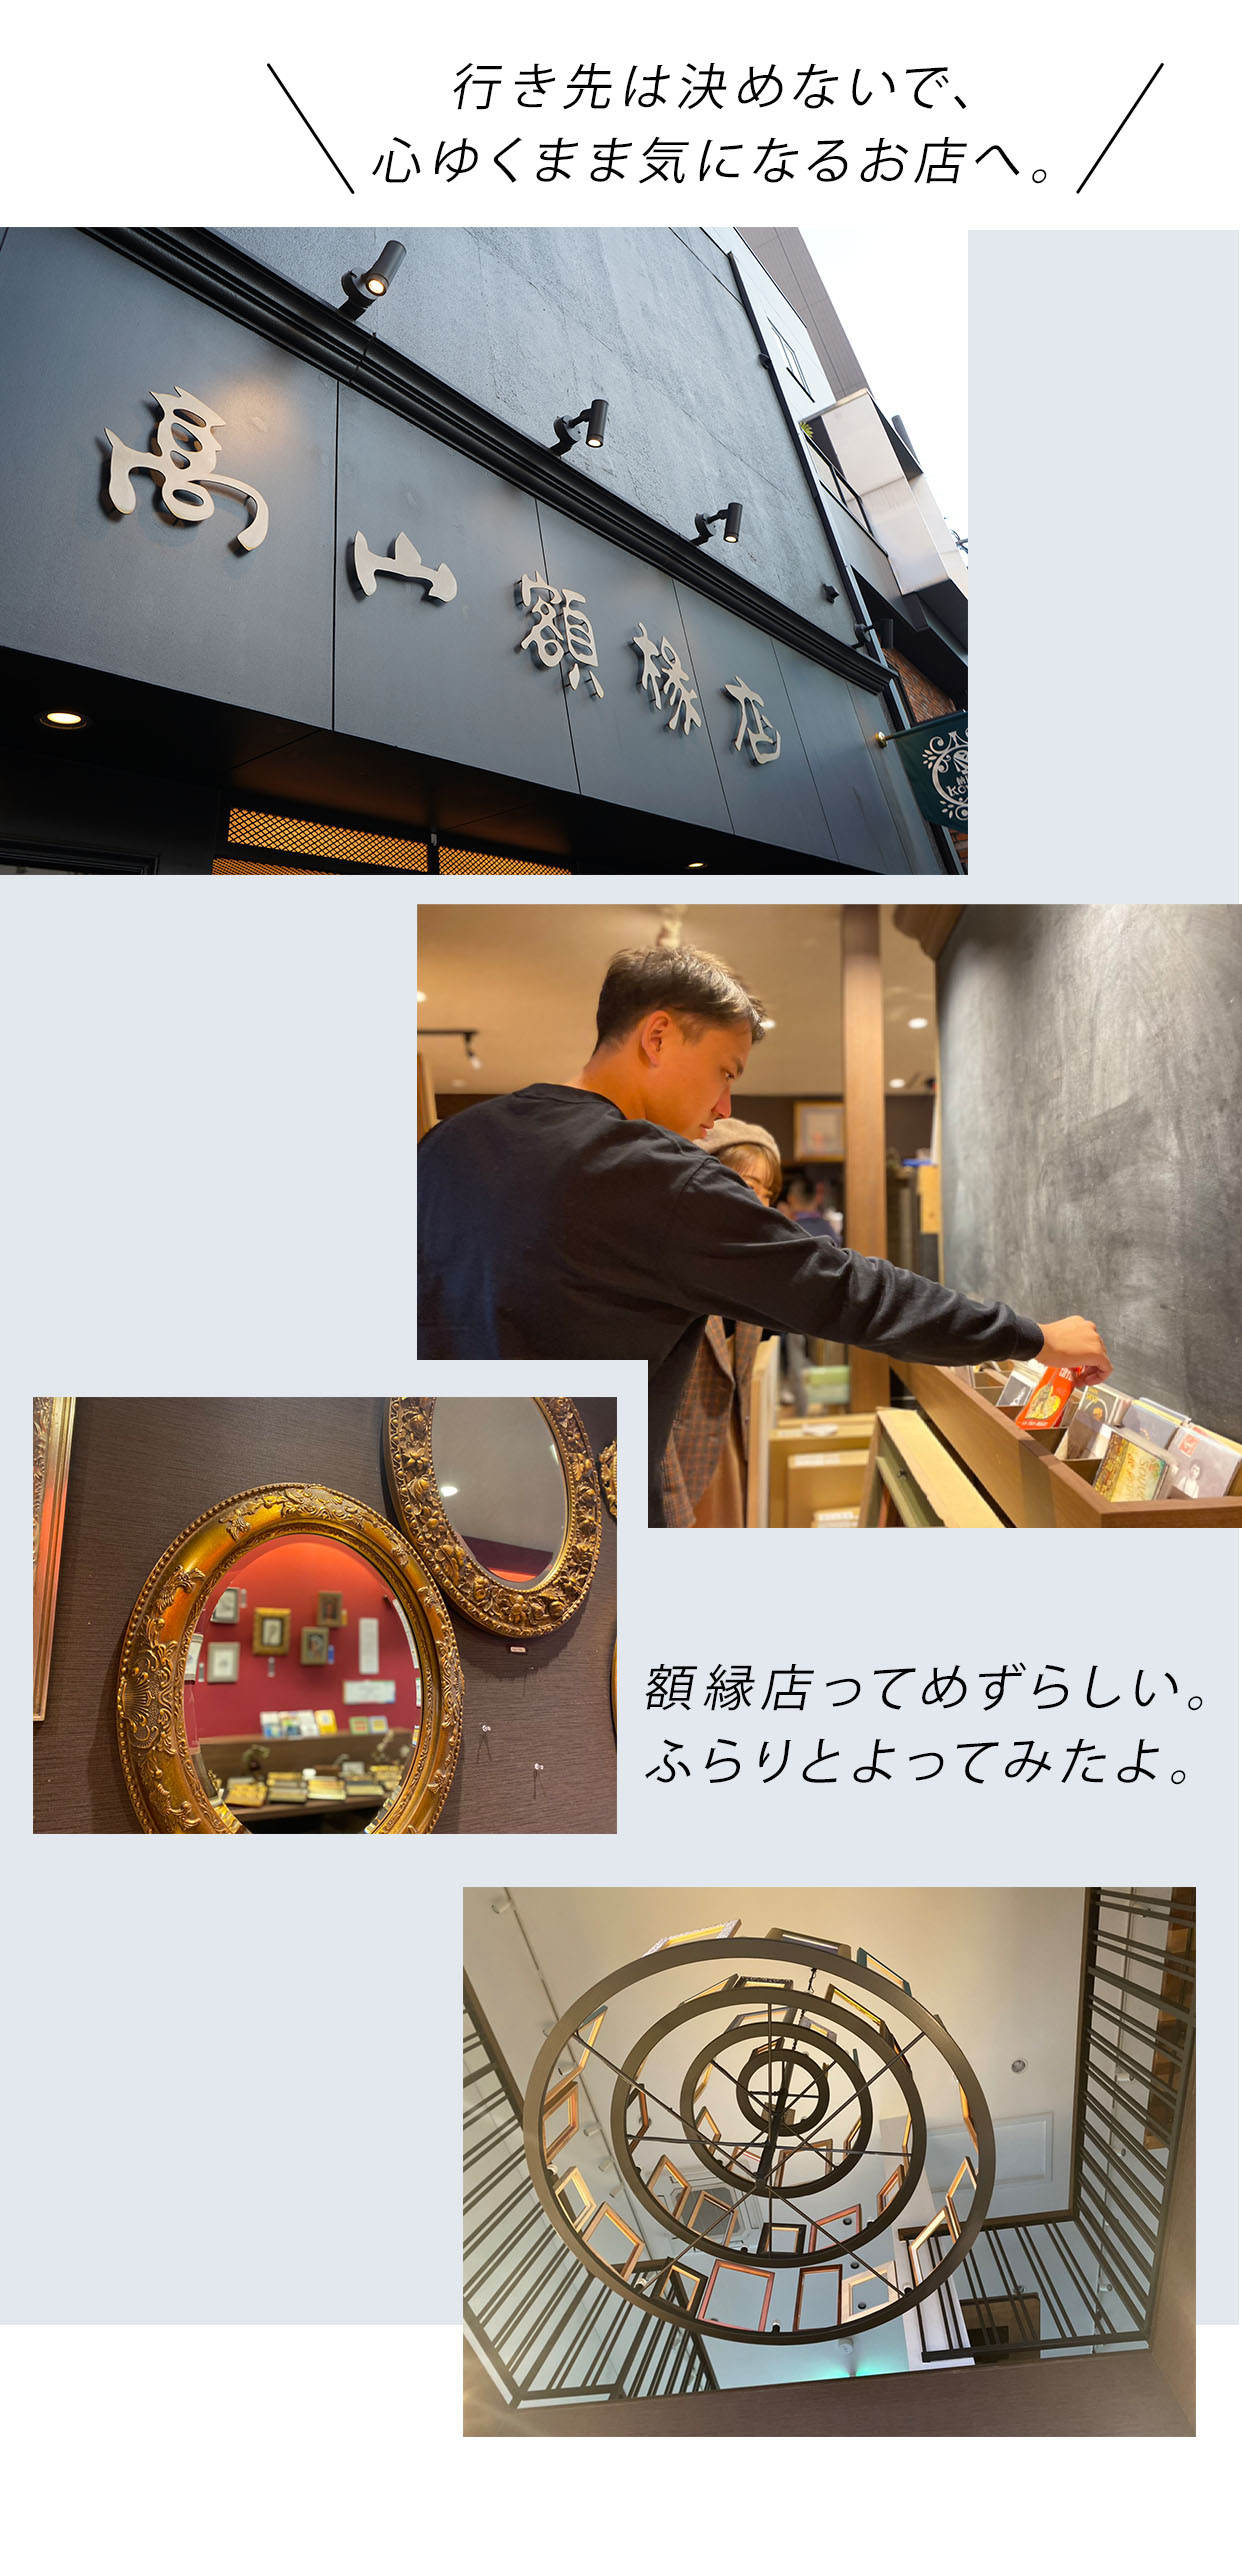 マスター自慢のフルーツコンフィチュールを味わって。「コーヒーハウスかこ花車本店」で過ごす休日。 - F620ED7B 4D5A 40D5 9F03 A1CE72D3CAC0